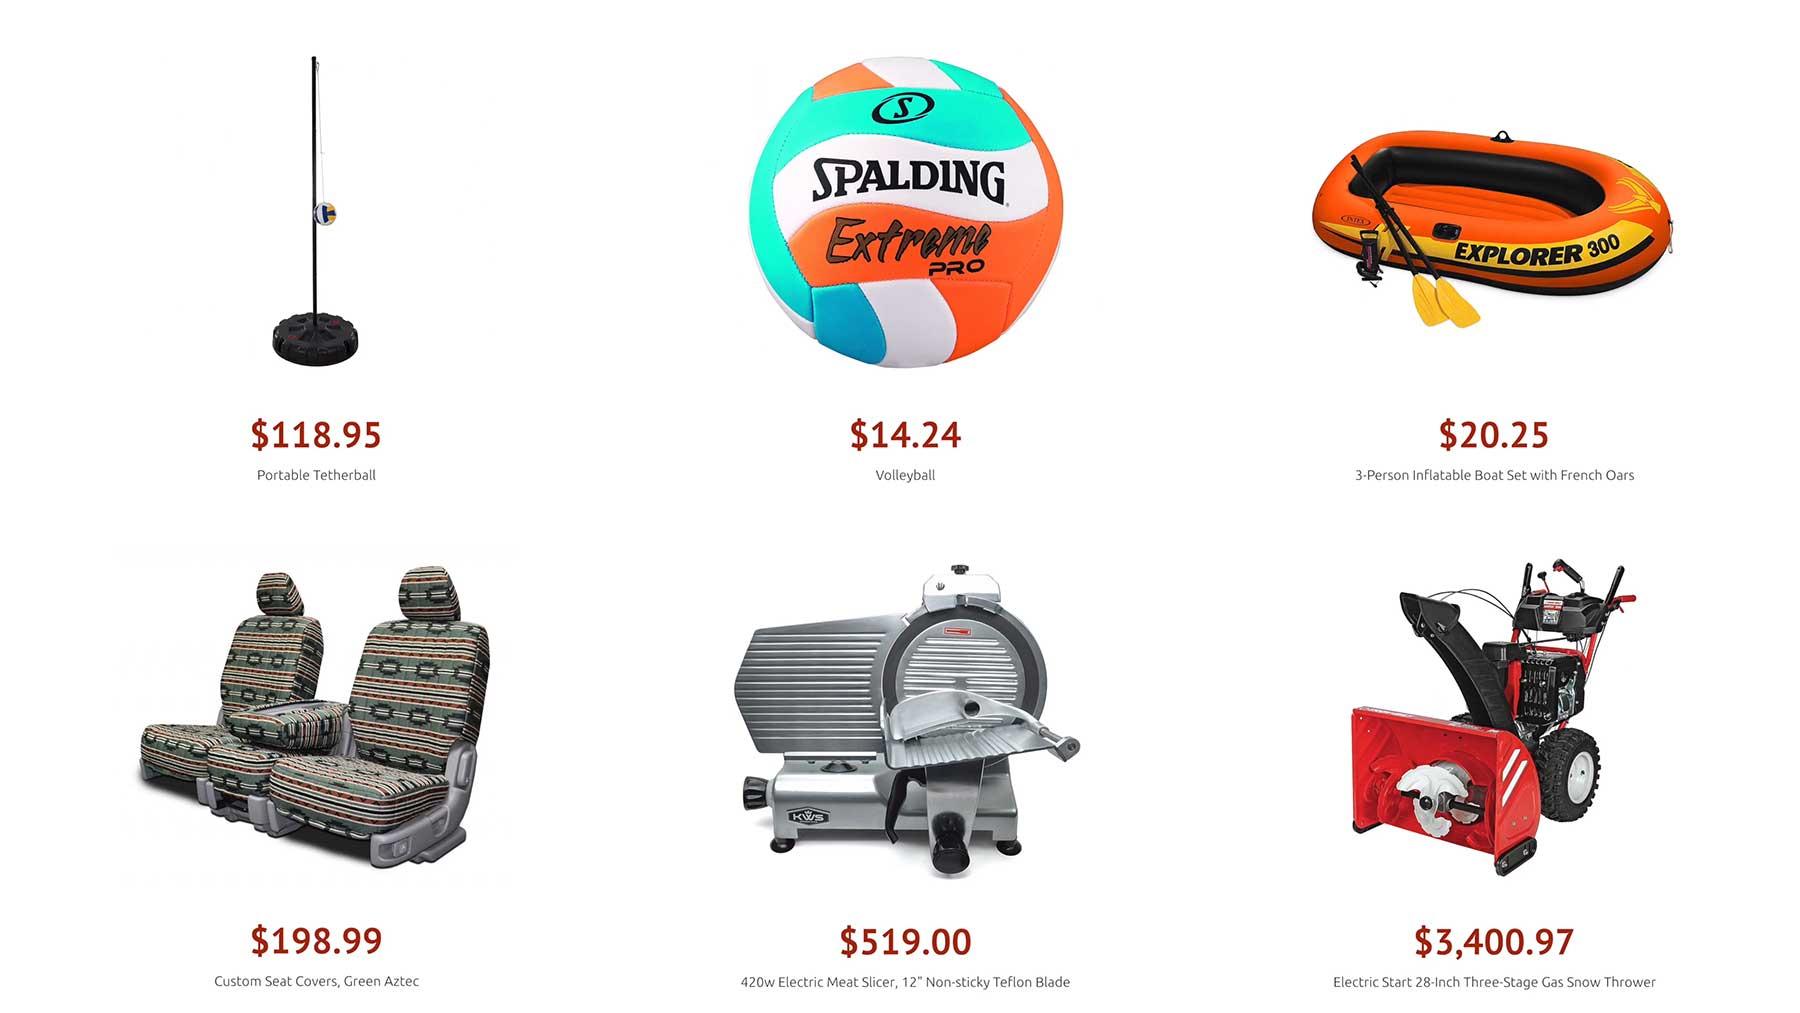 Dieses Video zeigt etliche Amazon-Produkte nach Preis sortiert